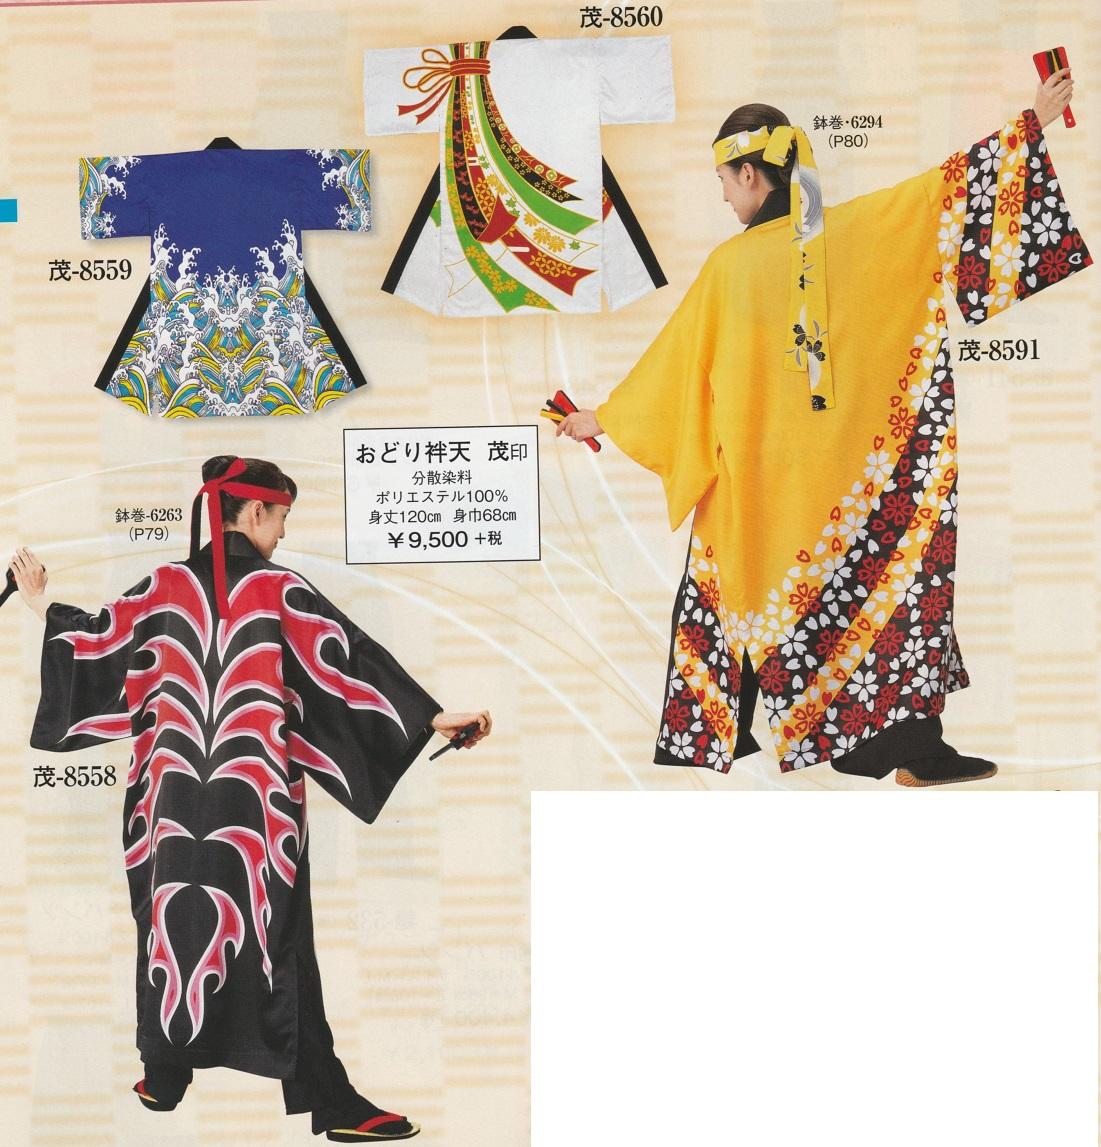 着物大好きkimono5298 一流おどり 買い物 お祭り用品のカタログを発表新柄発表です歳時記-P29茂印 送料無料 おどり半天 よさこい 供え お祭り おどり衣装に